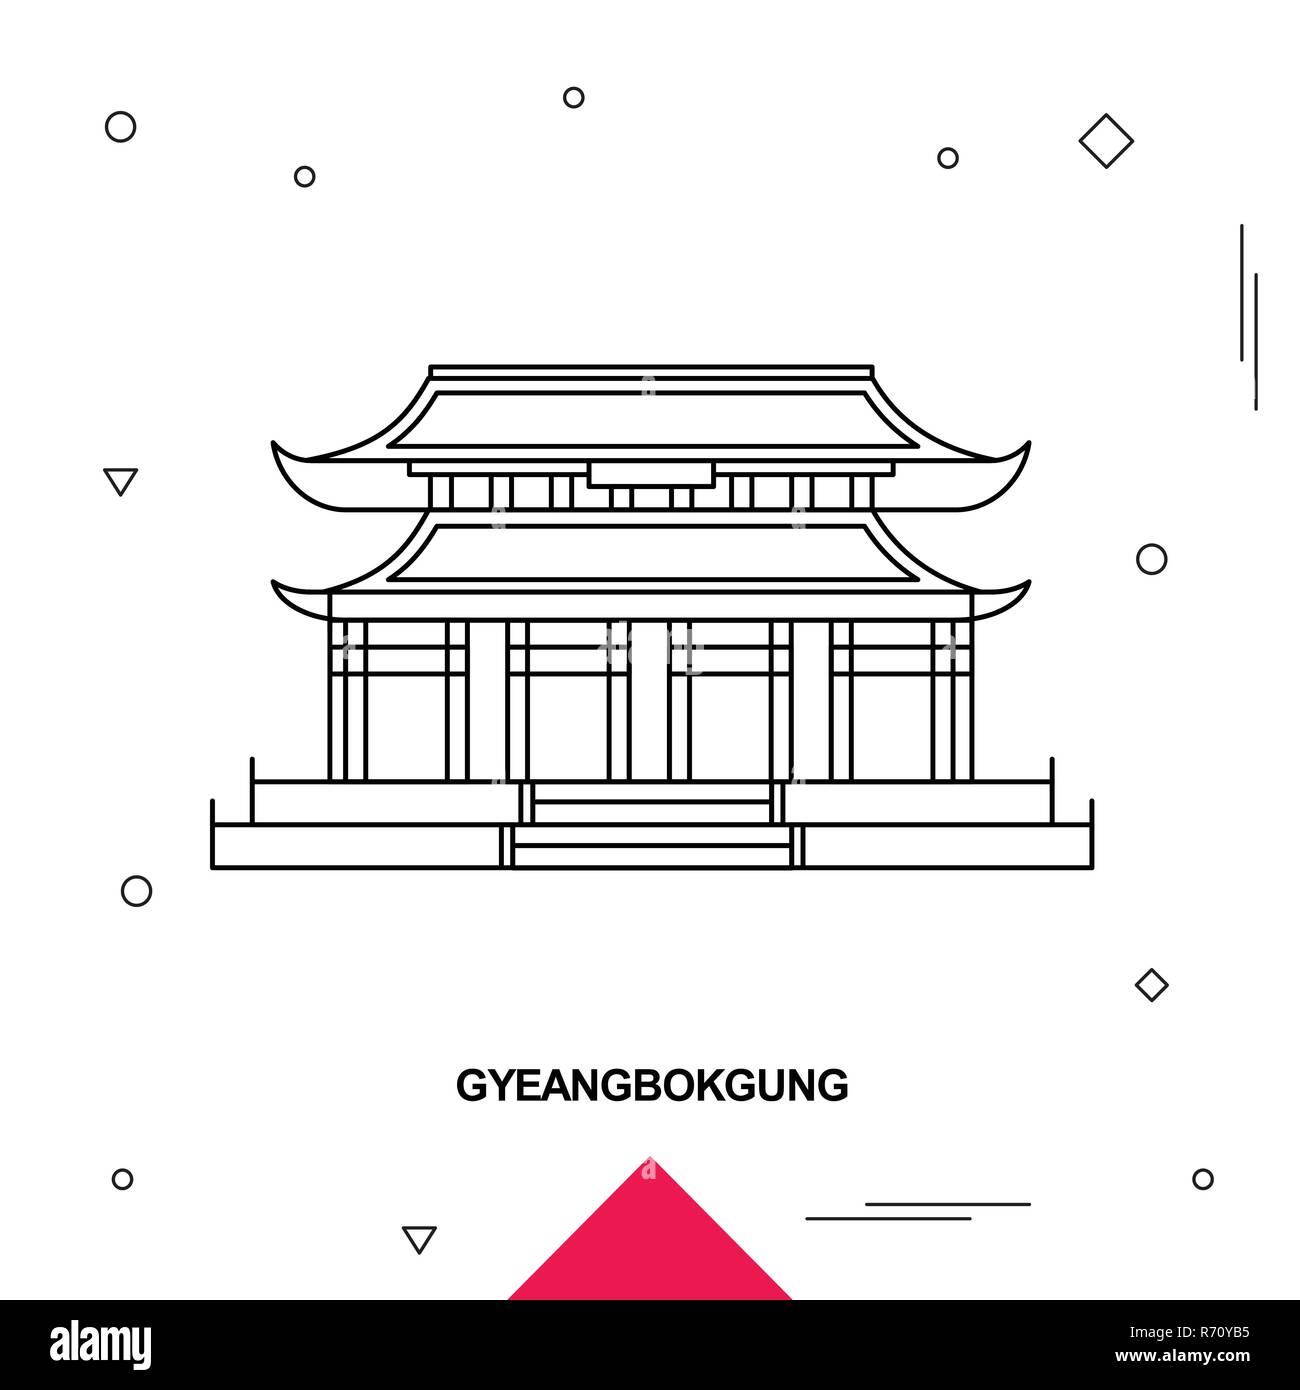 south korea travel vector poster stock photos  u0026 south